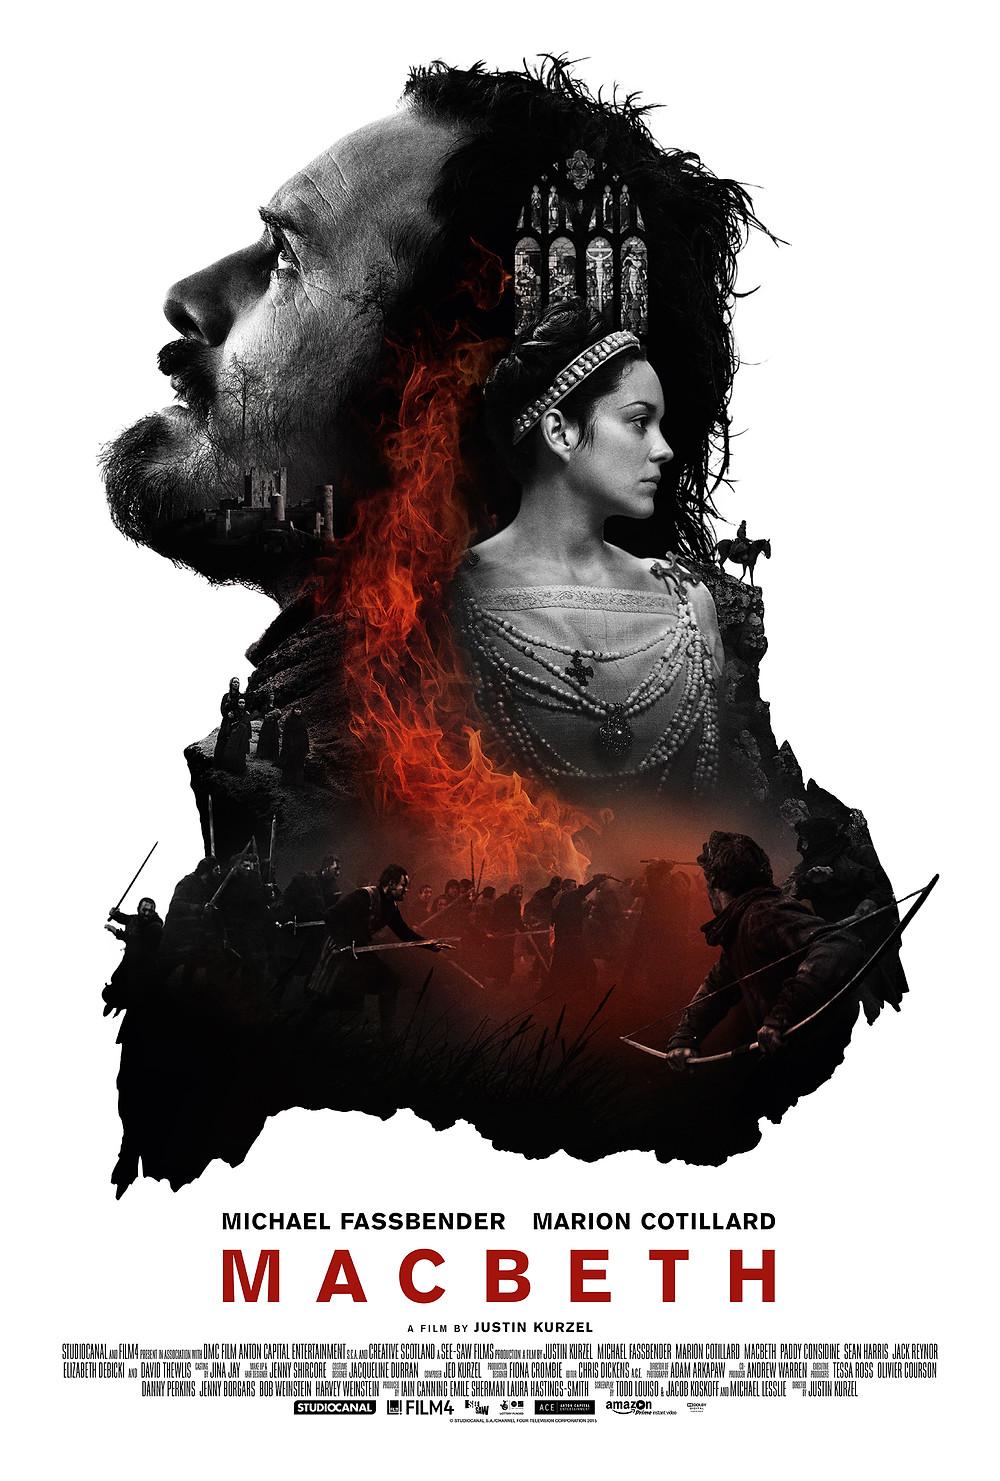 Macbeth UK Film Review